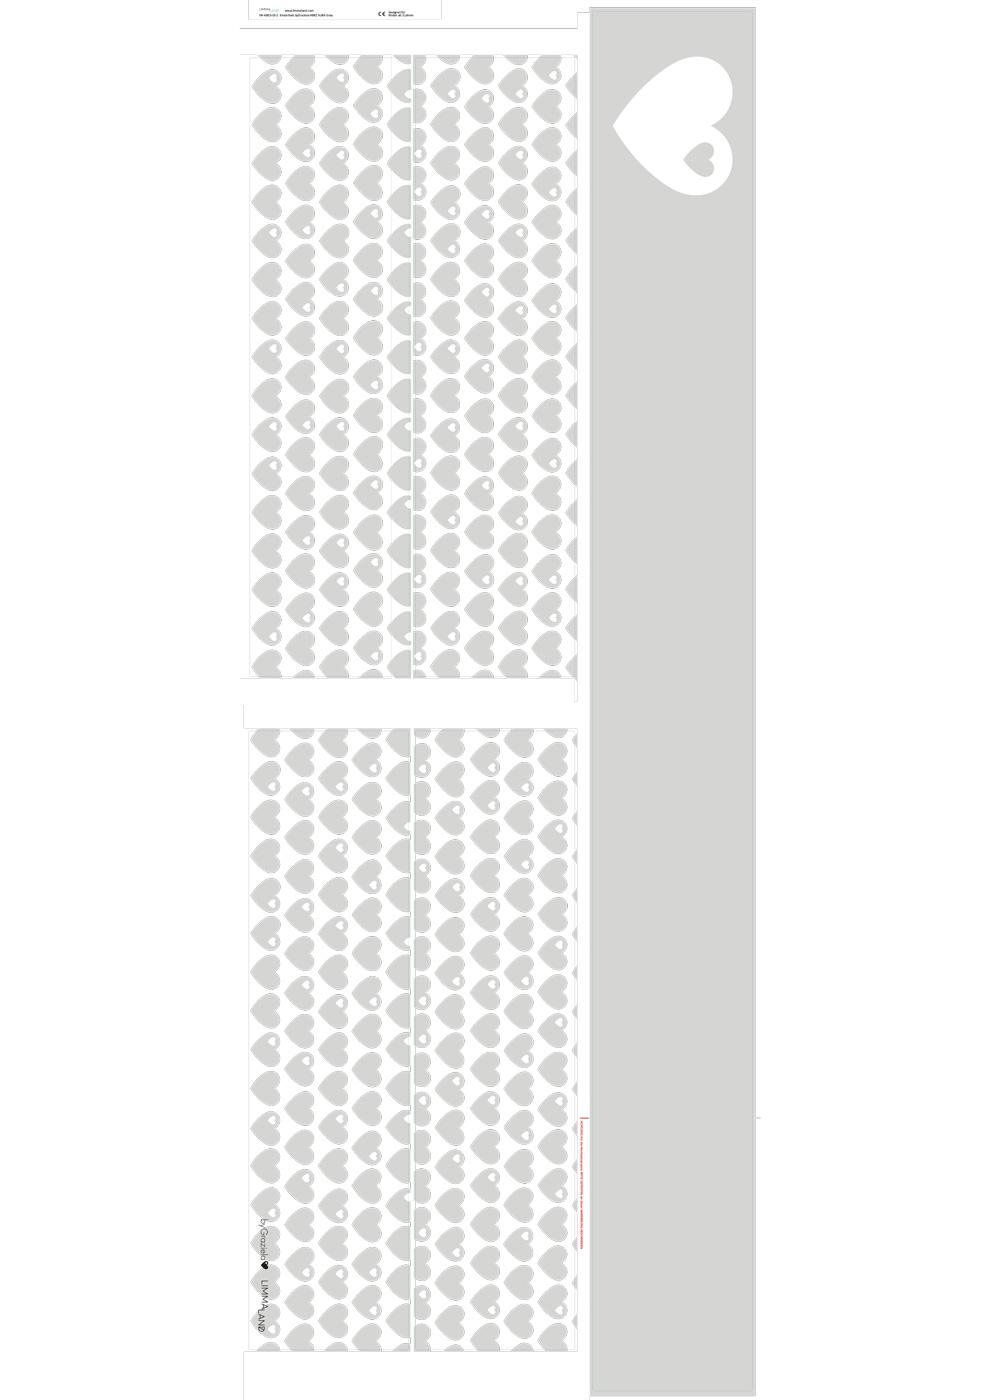 Ikea Kuras Hochbett ByGraziela Herz hellgrau  Druckvorlage